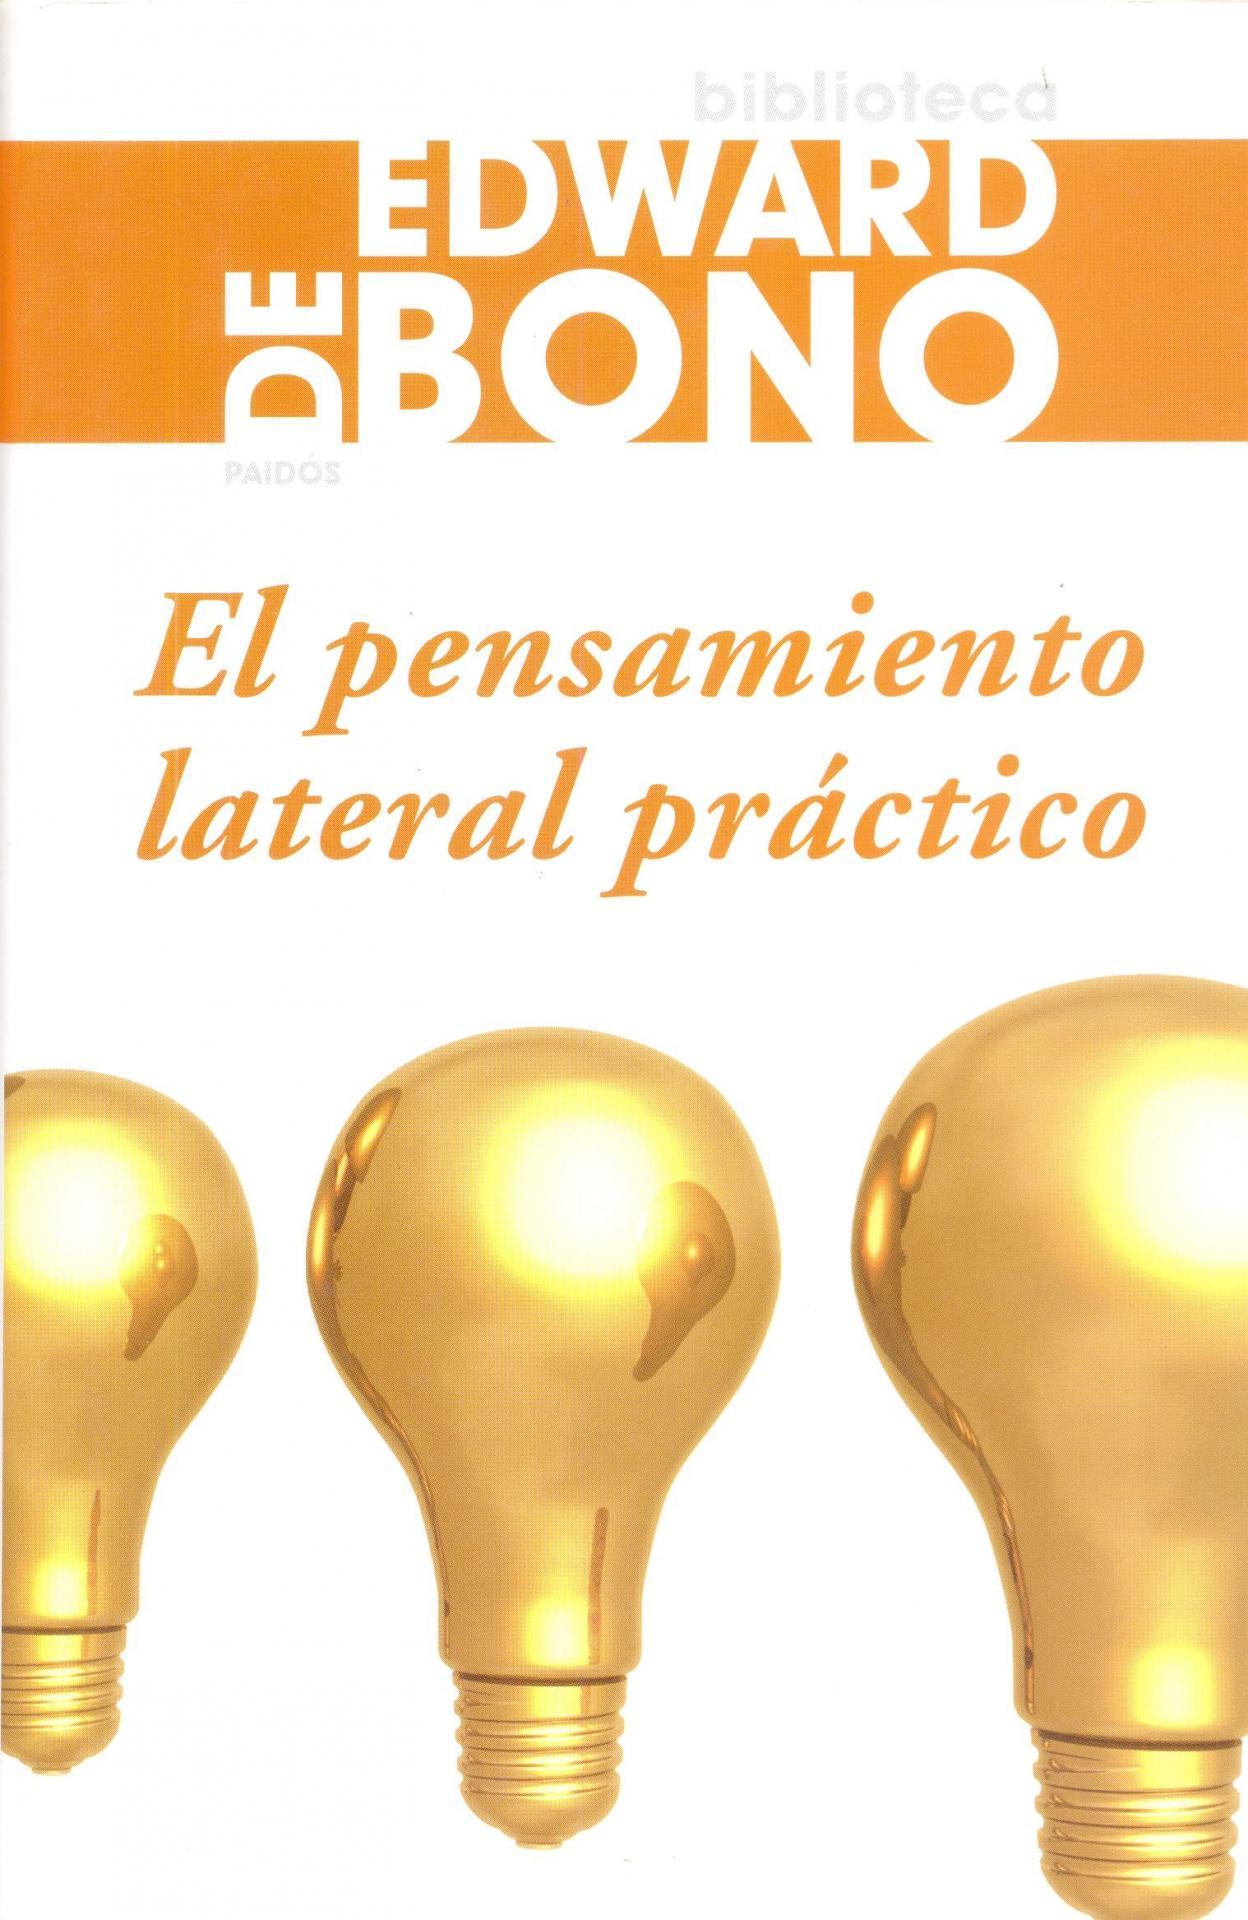 EL PENSAMIENTO LATERAL PRÁCTICO. De Bono, E.